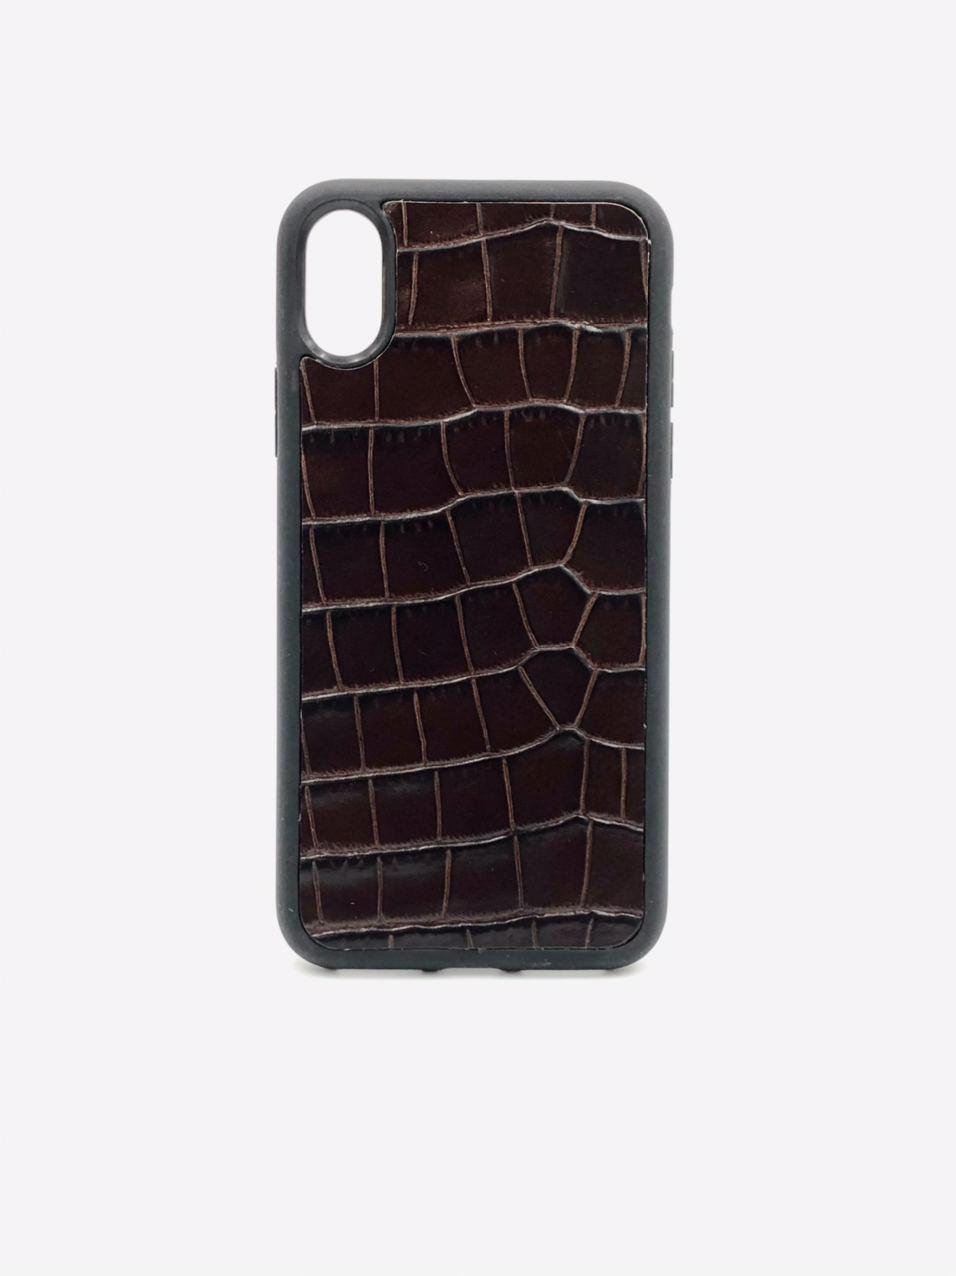 Чехол для iPhone X/Xs коричнего цвета из Телячьей кожи тиснёной под Крокодила